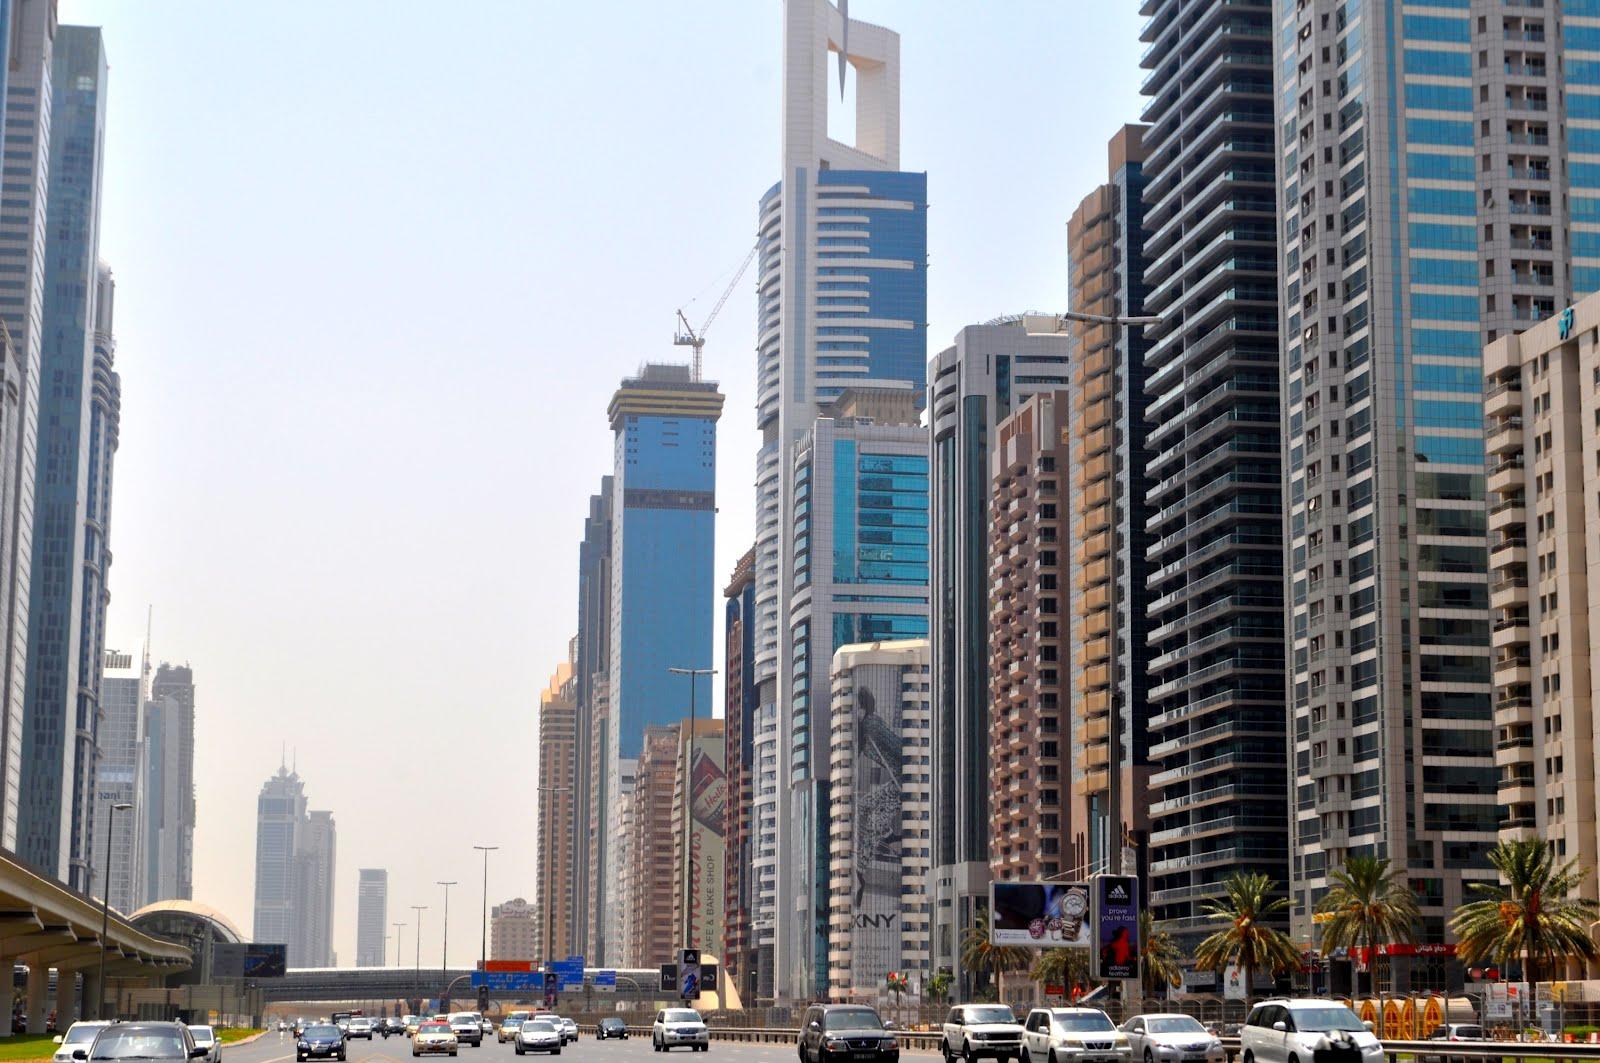 مخاوف من انهيار سوق العقار في دبي بوقت قريب